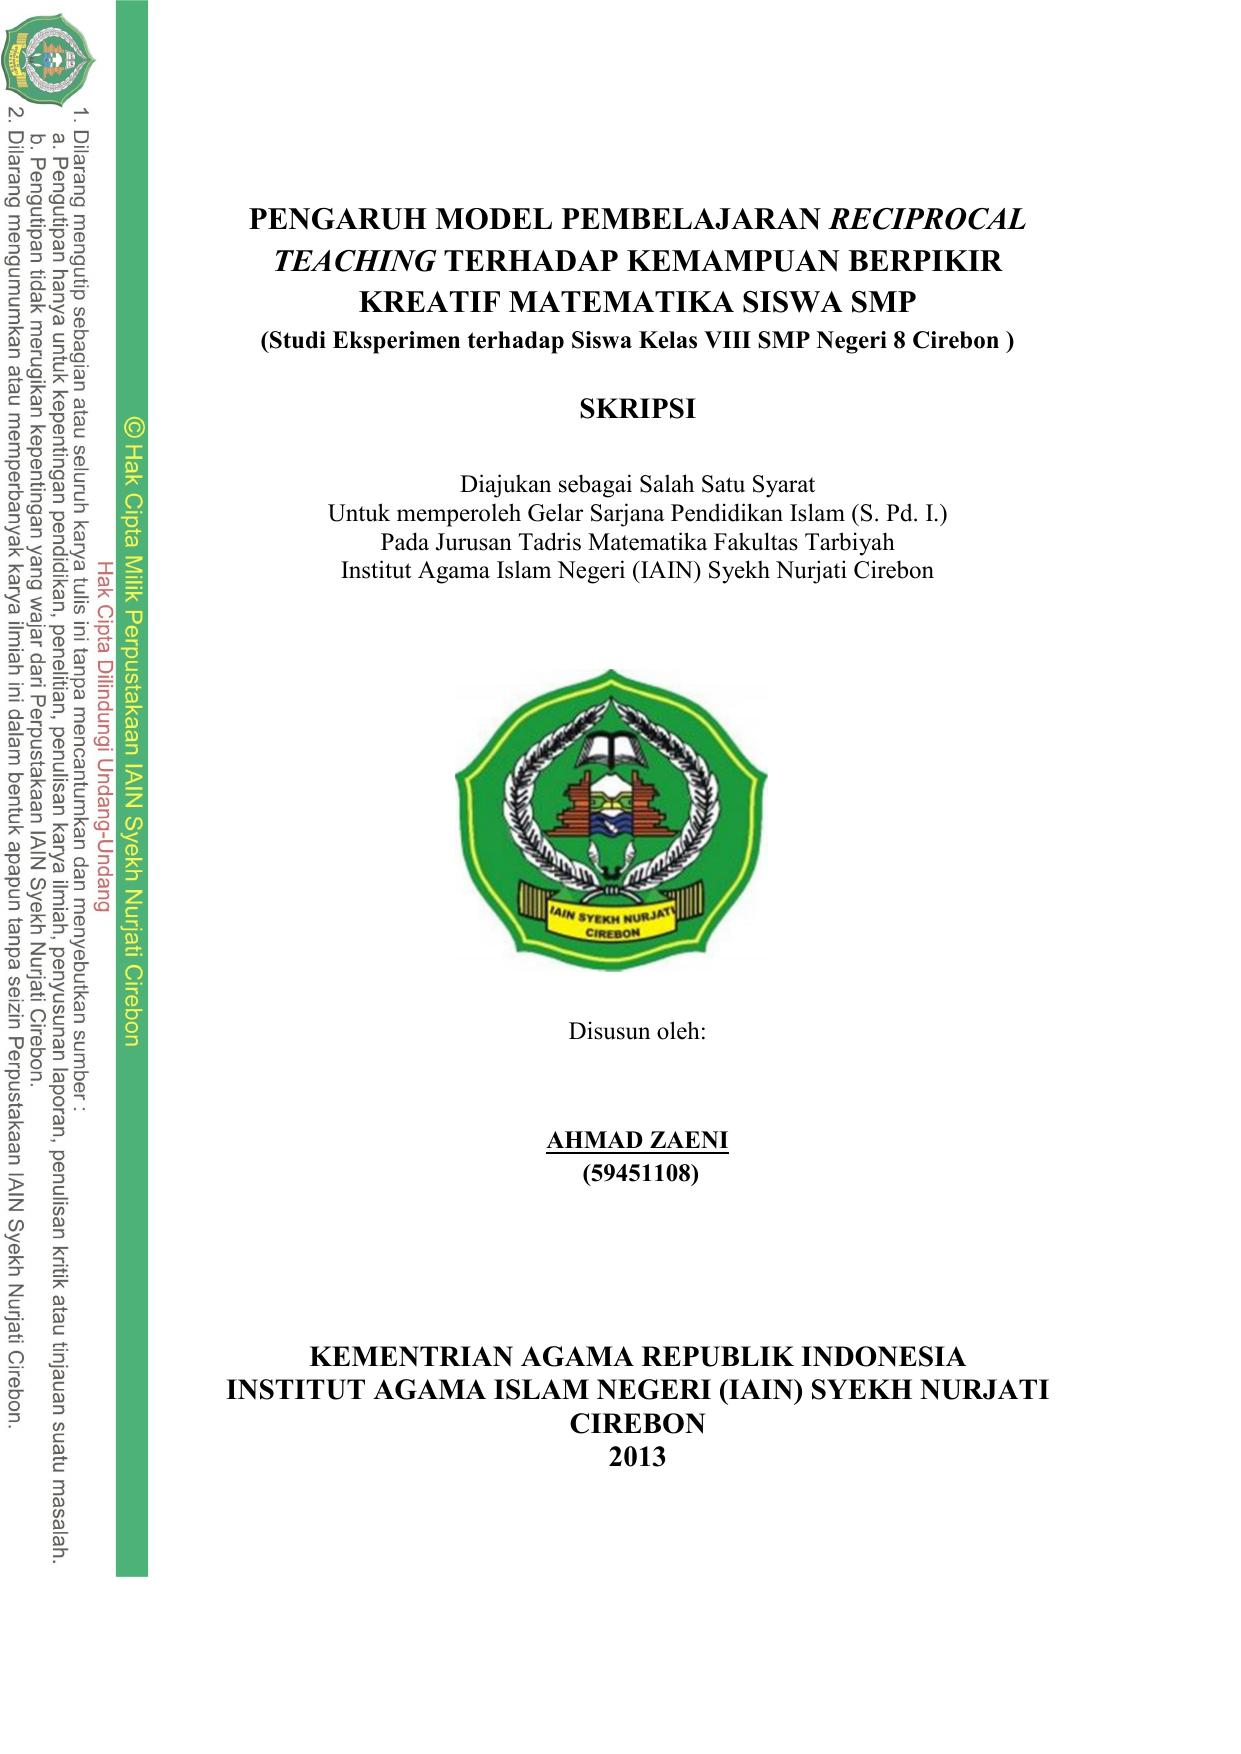 Contoh Proposal Skripsi Pendidikan Matematika Pdf Bagikan Contoh